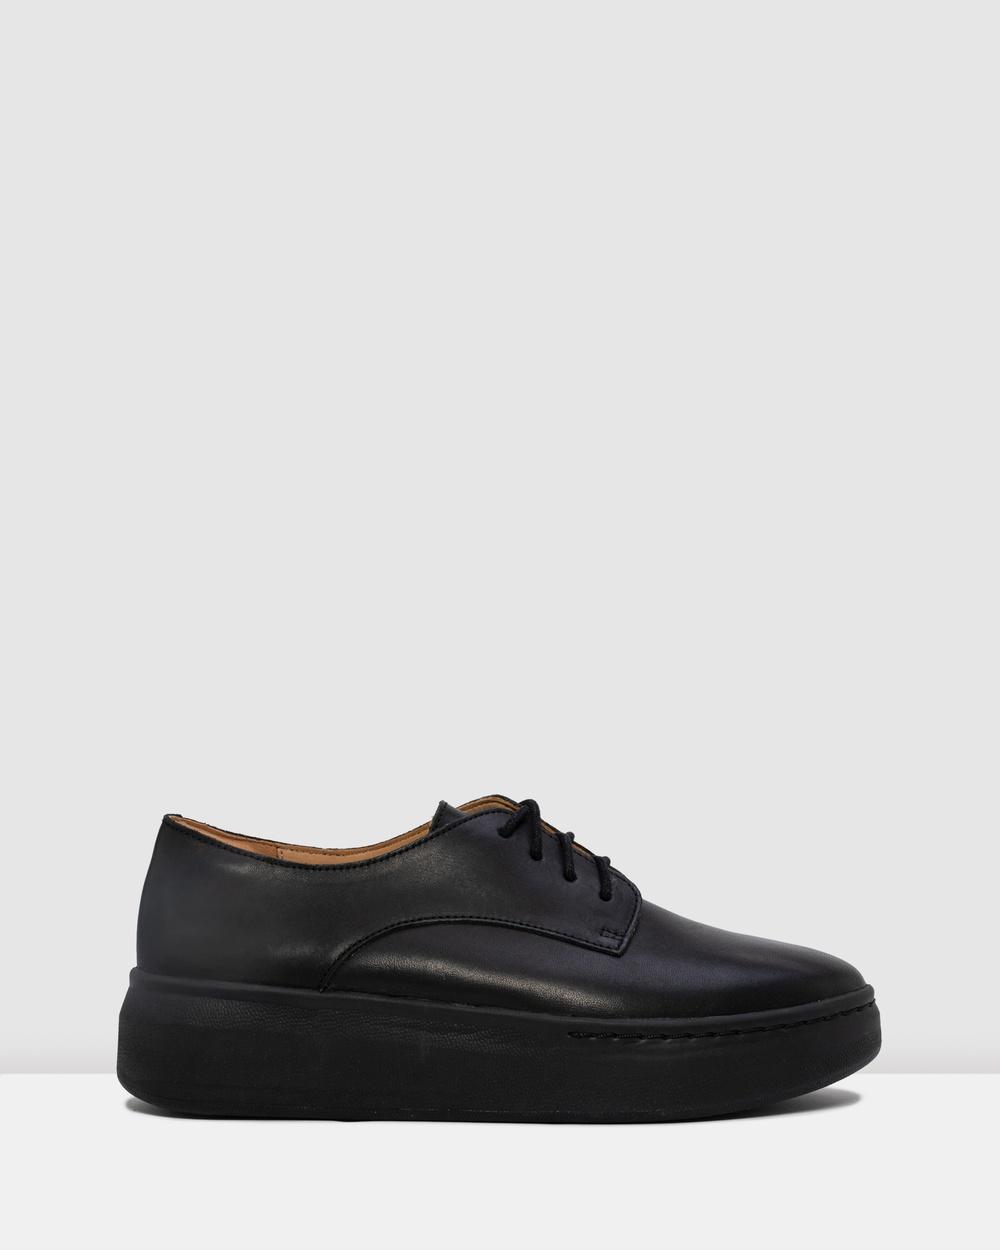 Rollie Derby City Shoes Flats Black Australia